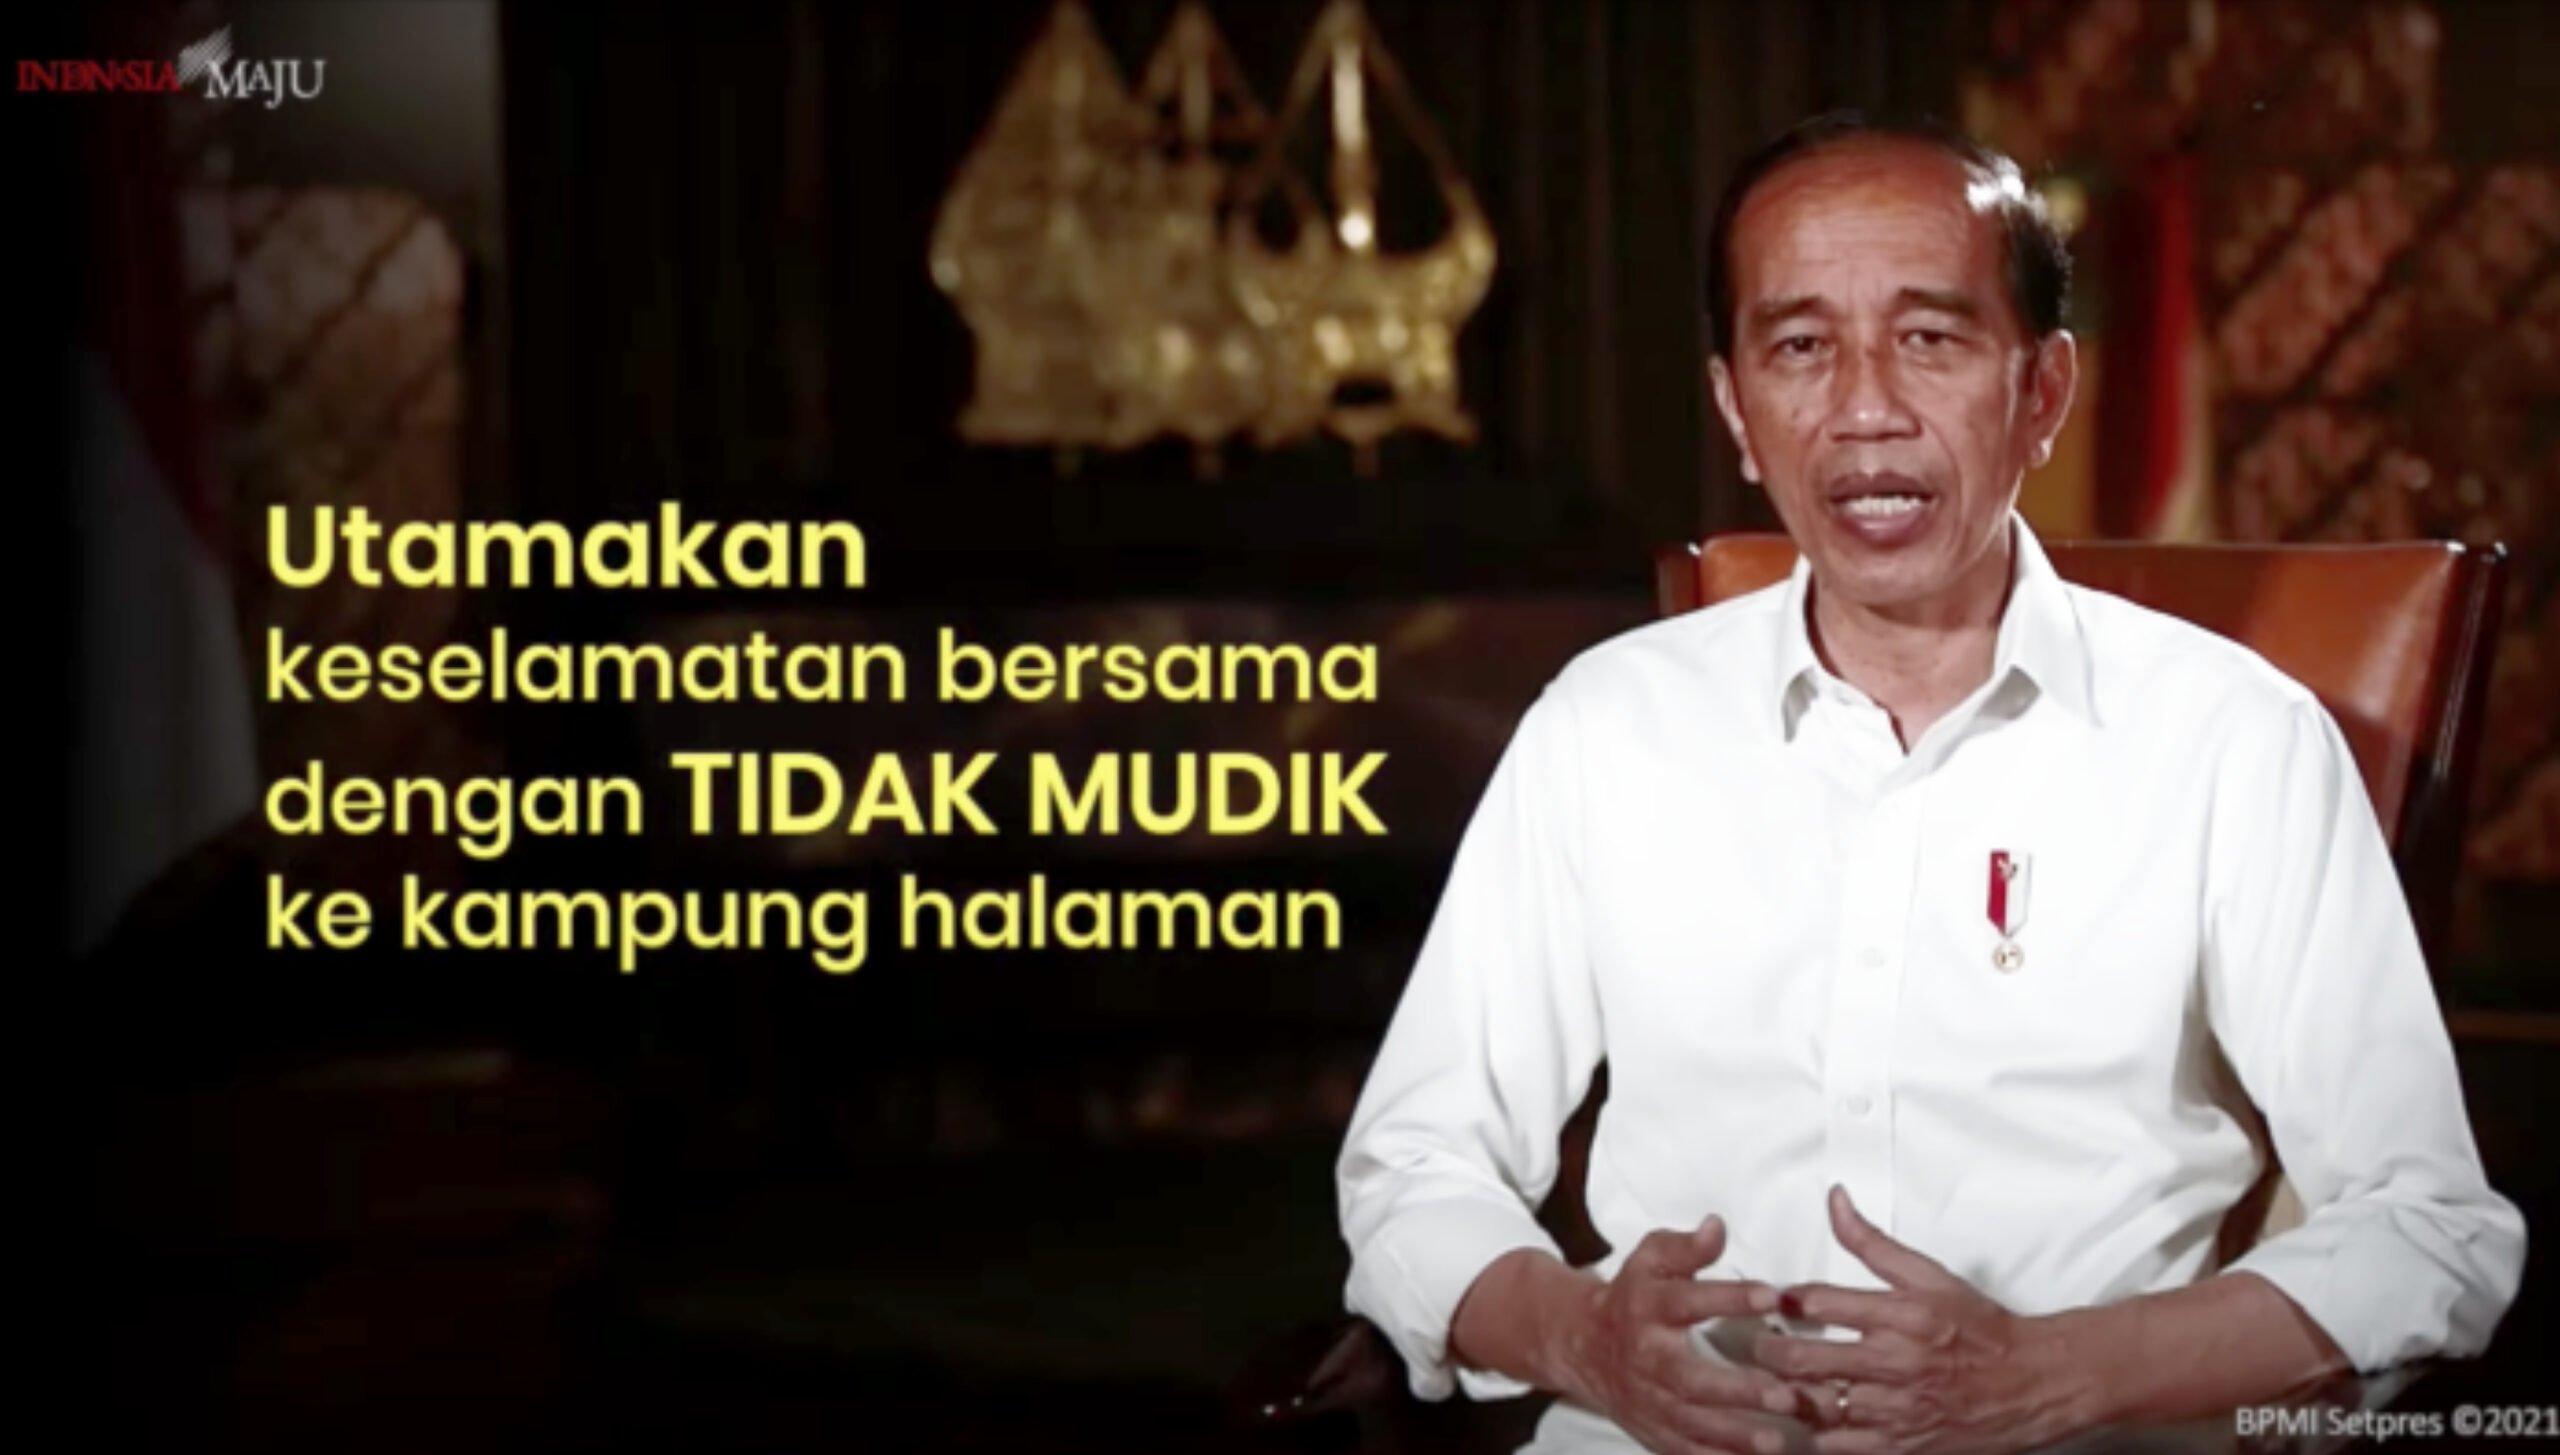 Presiden Jokowi Minta Utamakan Keselamatan Bersama Dengan Tidak Mudik 235